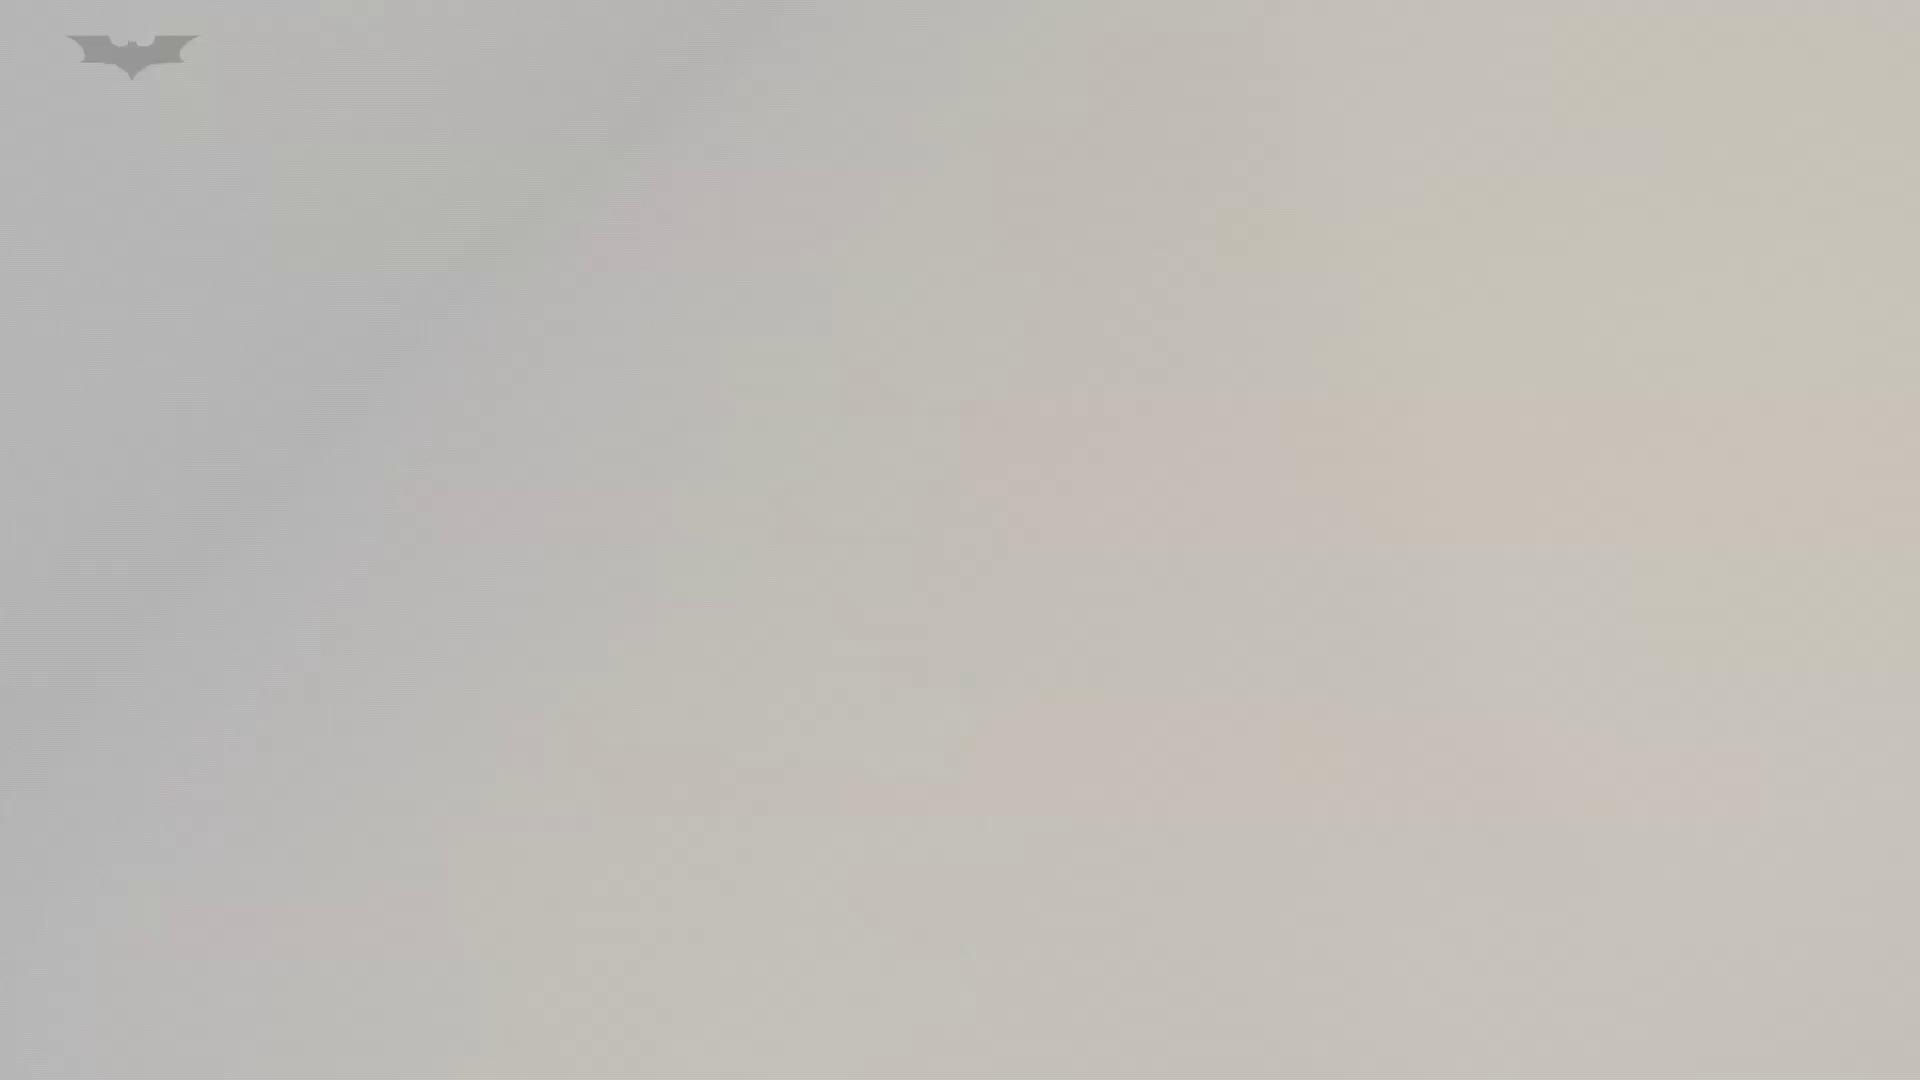 おまんこ丸見え:新世界の射窓 No77 CAっぽい子登場:怪盗ジョーカー